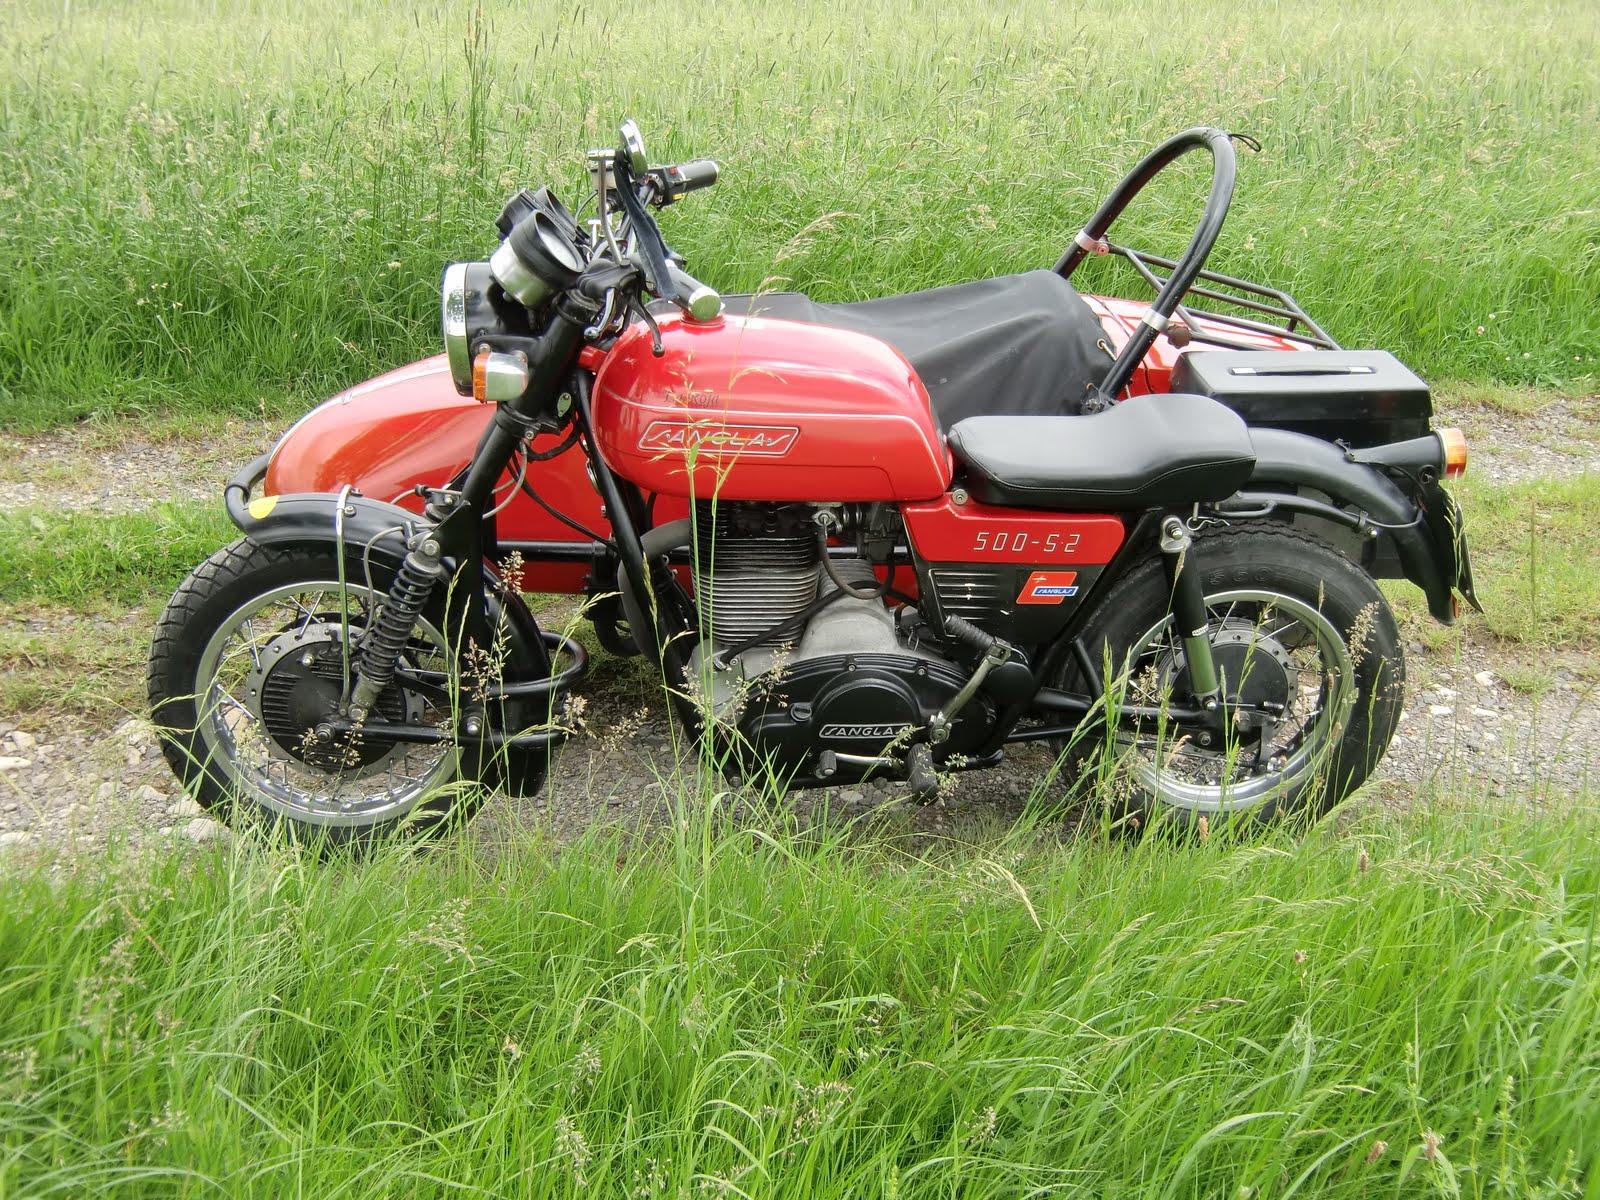 Motorrad Stammtisch Göttingen: Februar 2011